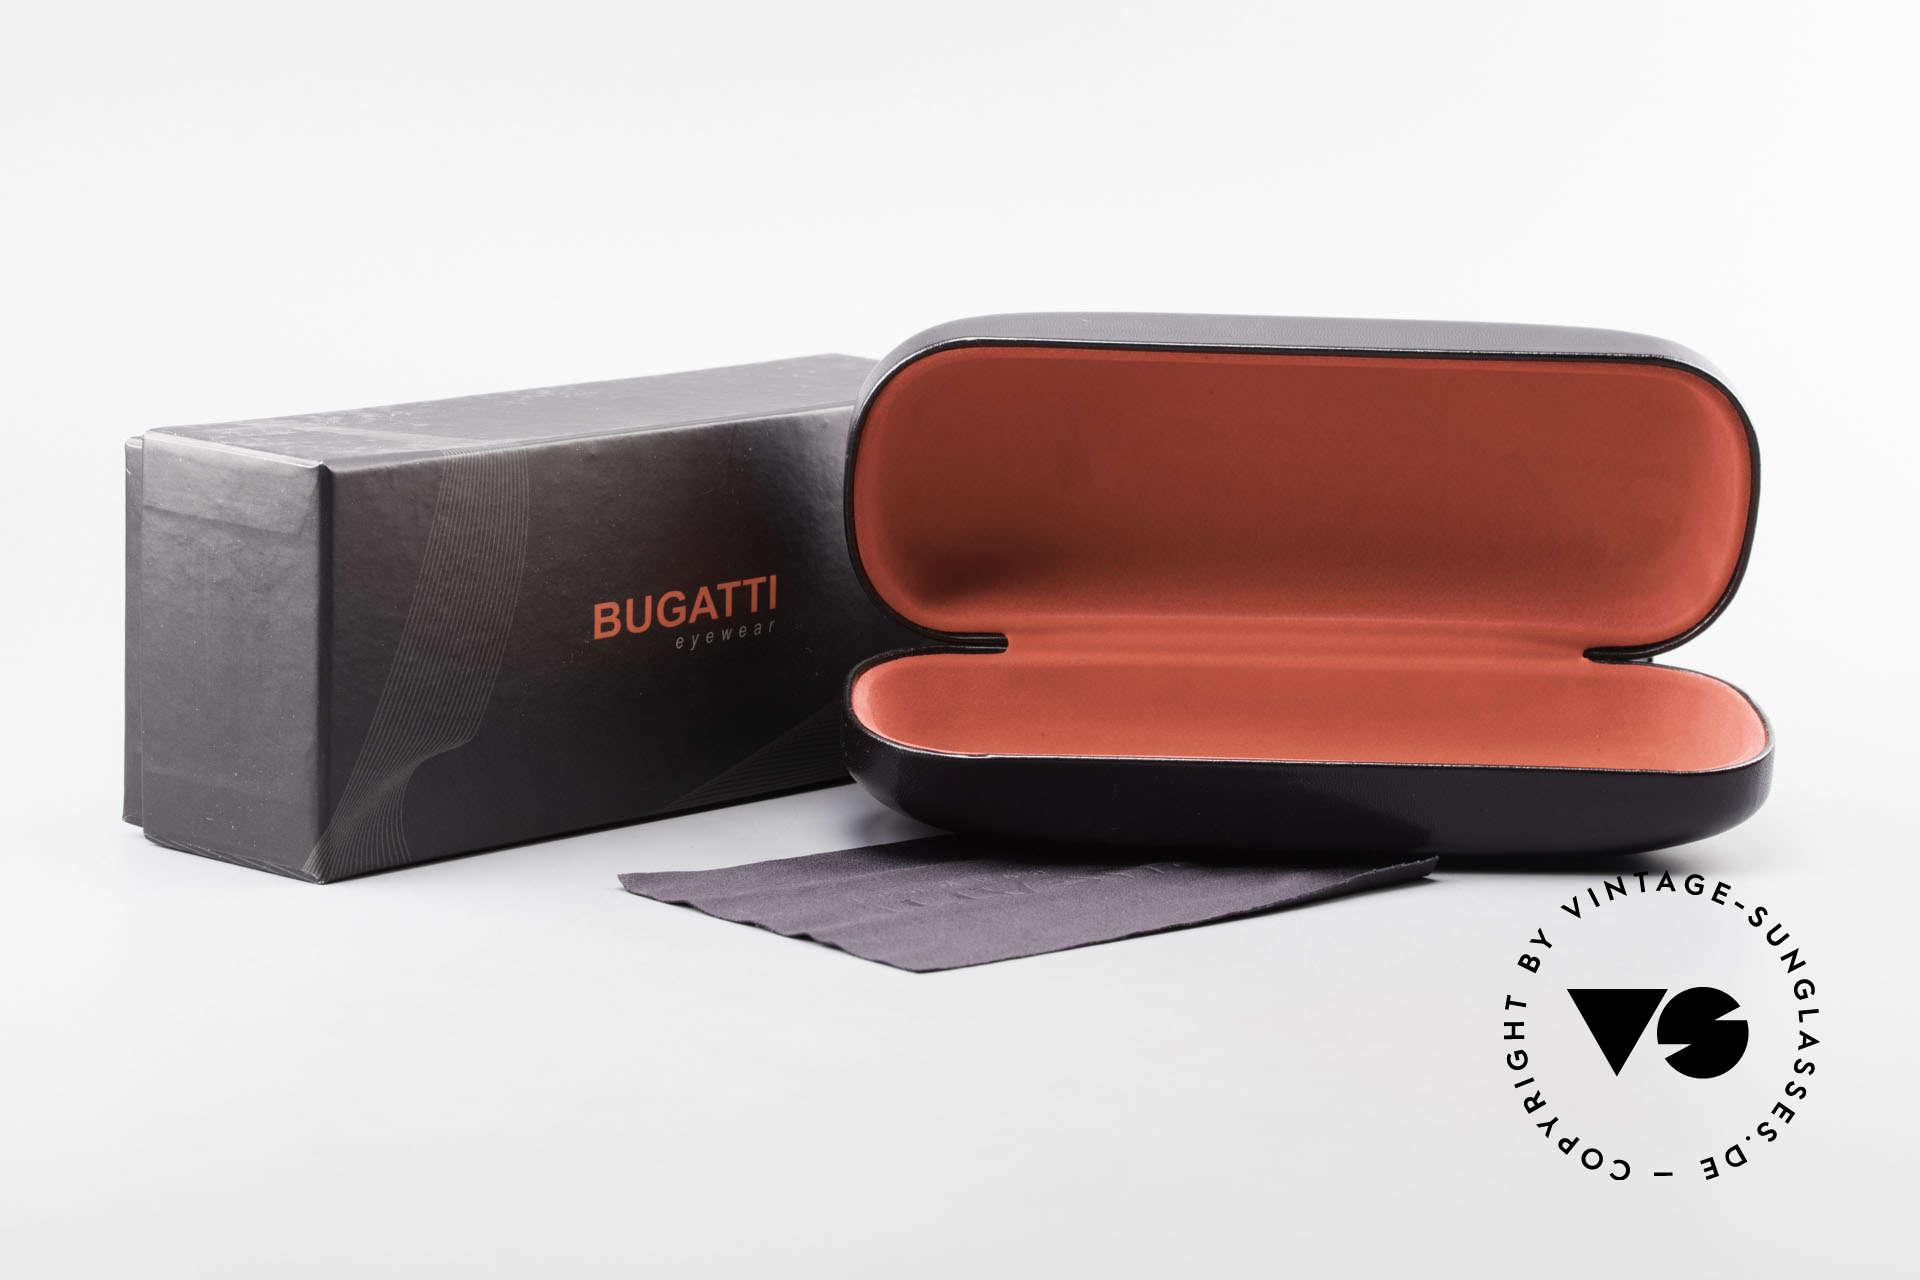 Bugatti 537 Genuine Horn Frame Ruthenium, Size: medium, Made for Men